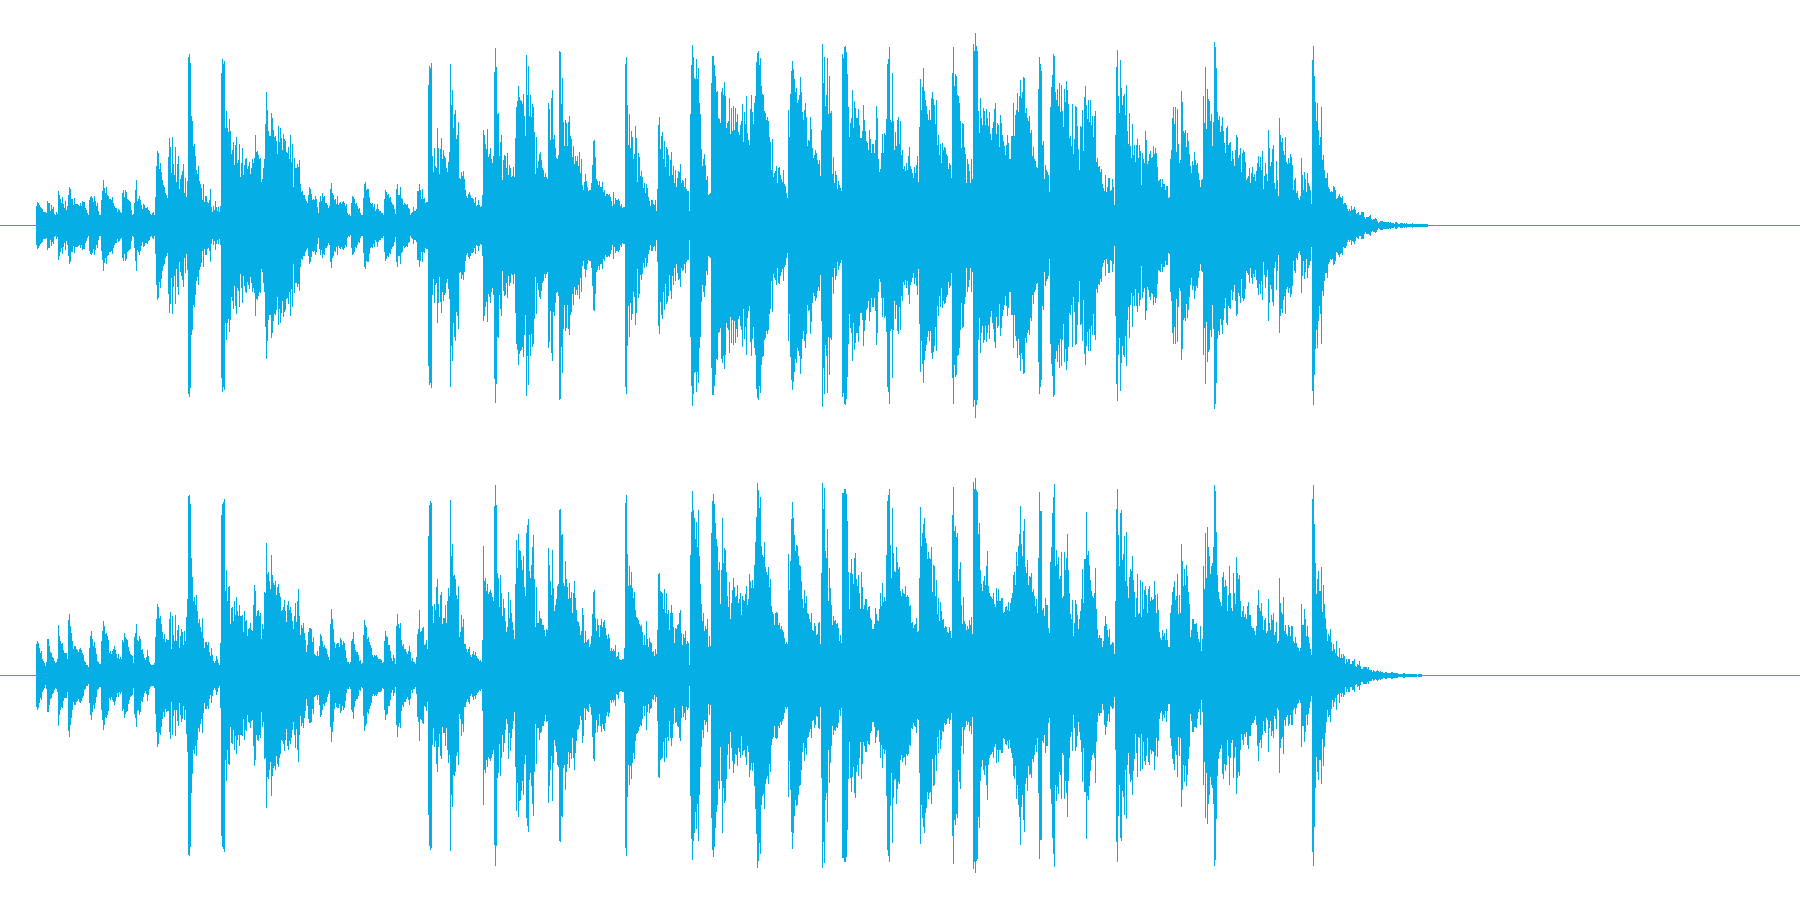 ほのぼのしたポップジャズ(イントロ)の再生済みの波形